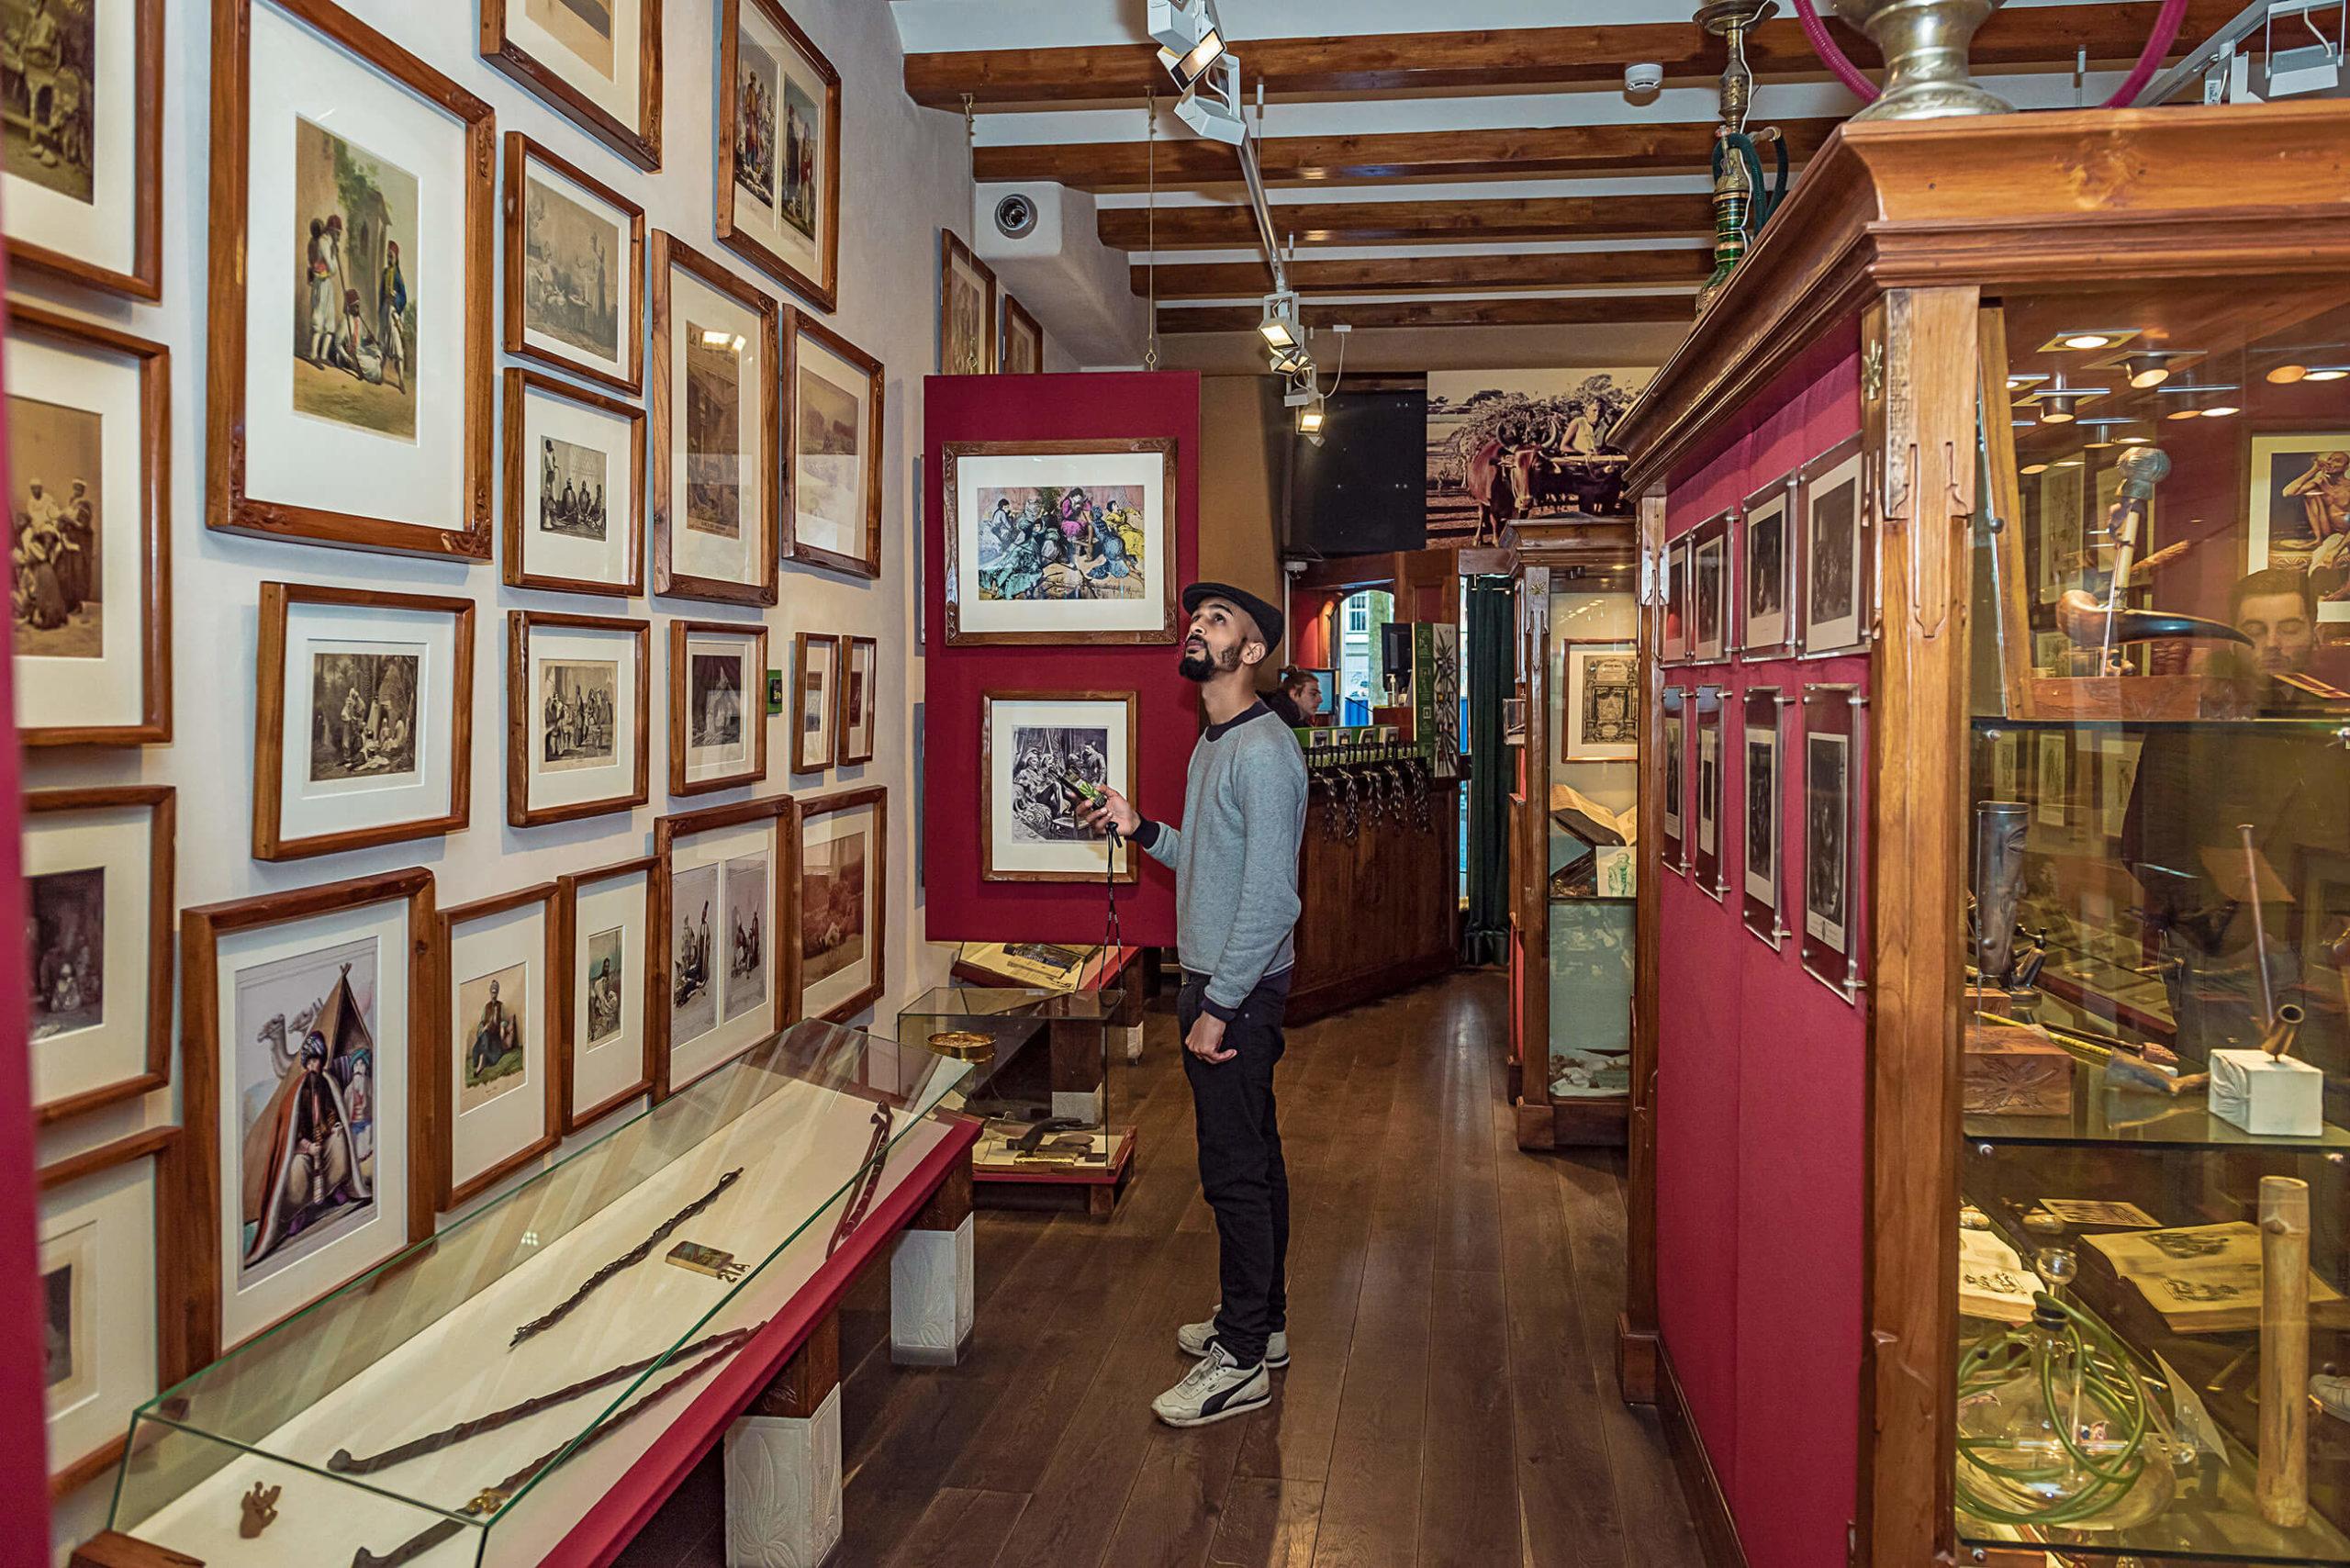 Un homme en regardant des images encadrées sur le mur à l'intérieur du musée